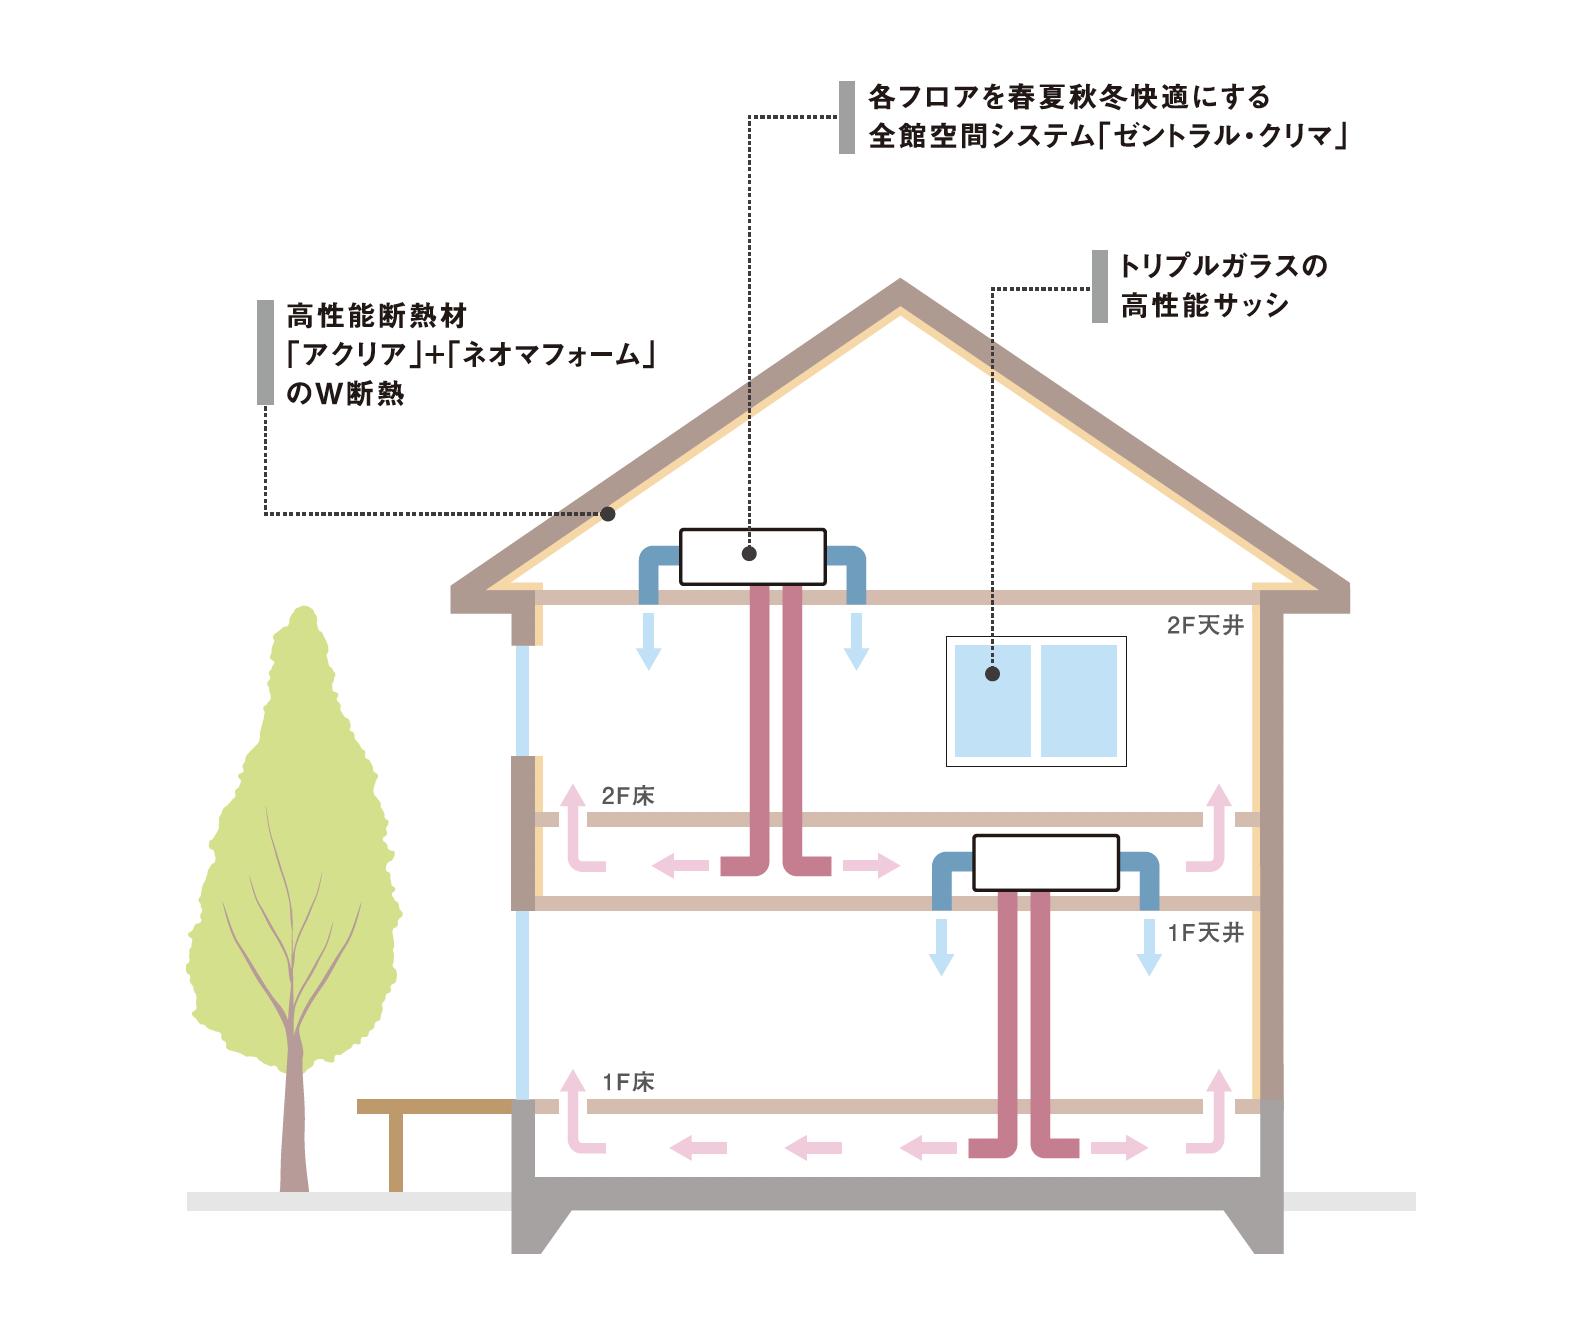 nexシステム図